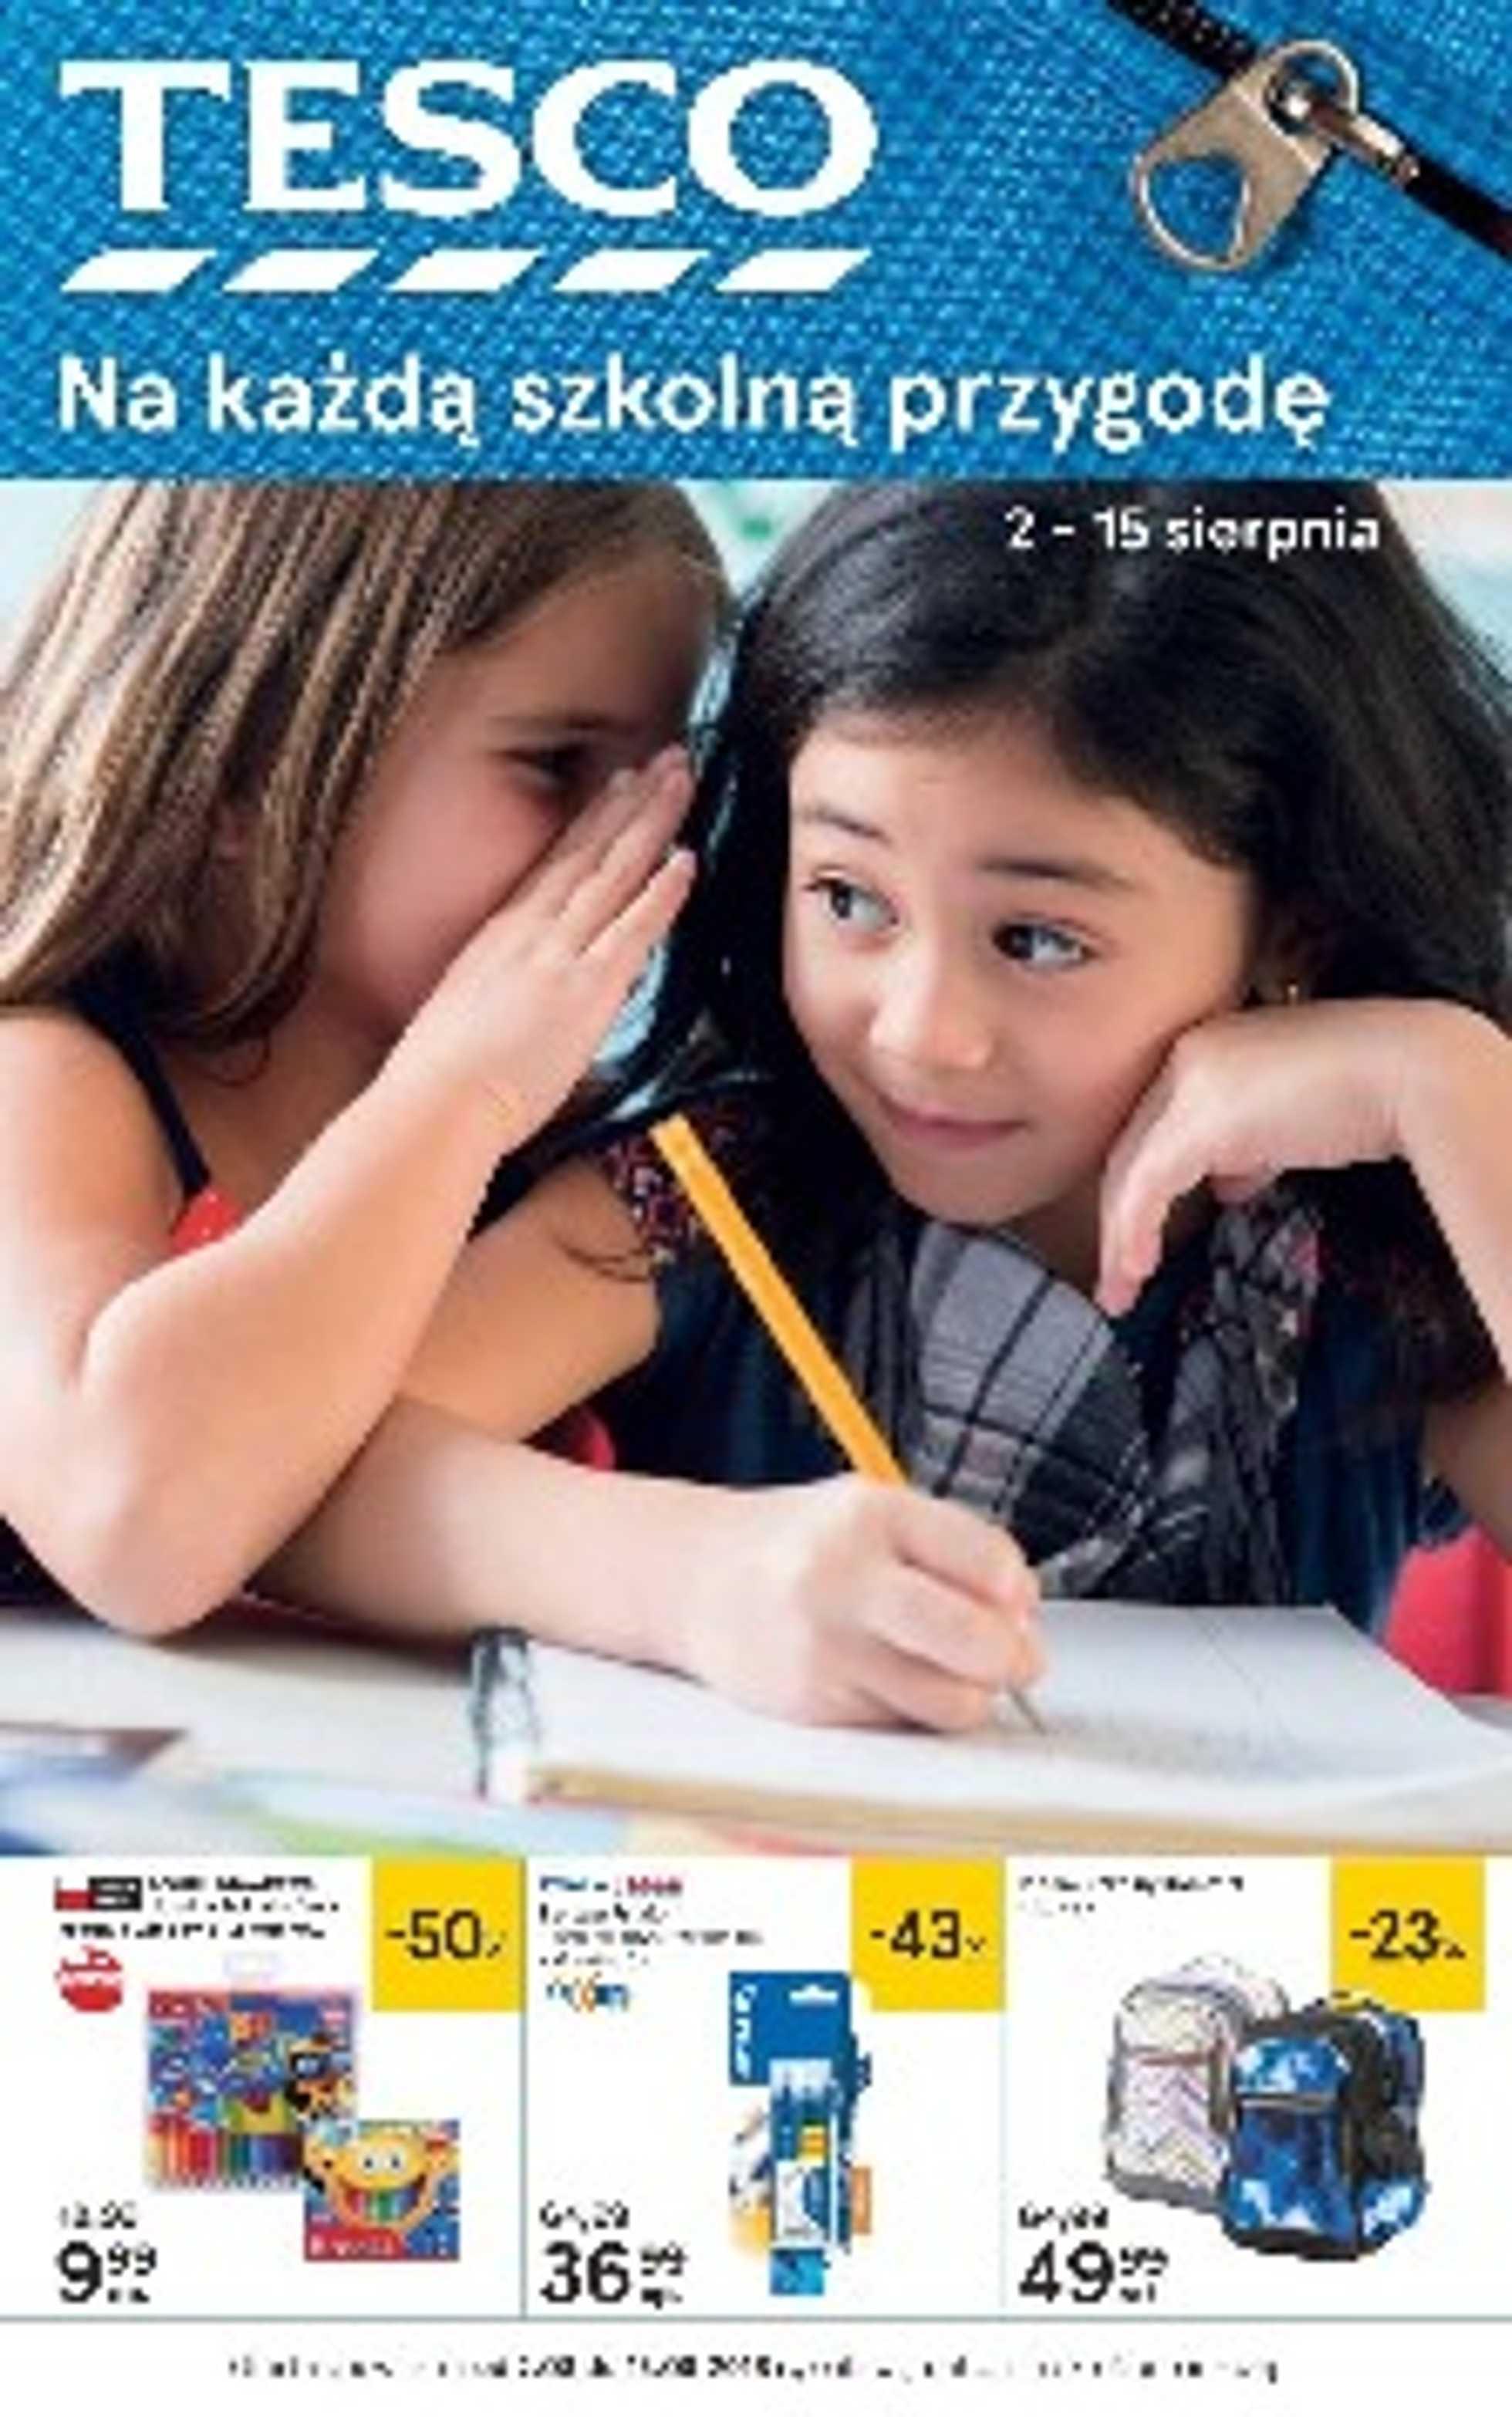 Tesco - gazetka promocyjna ważna od 02.08.2018 do 15.08.2018 - strona 1.